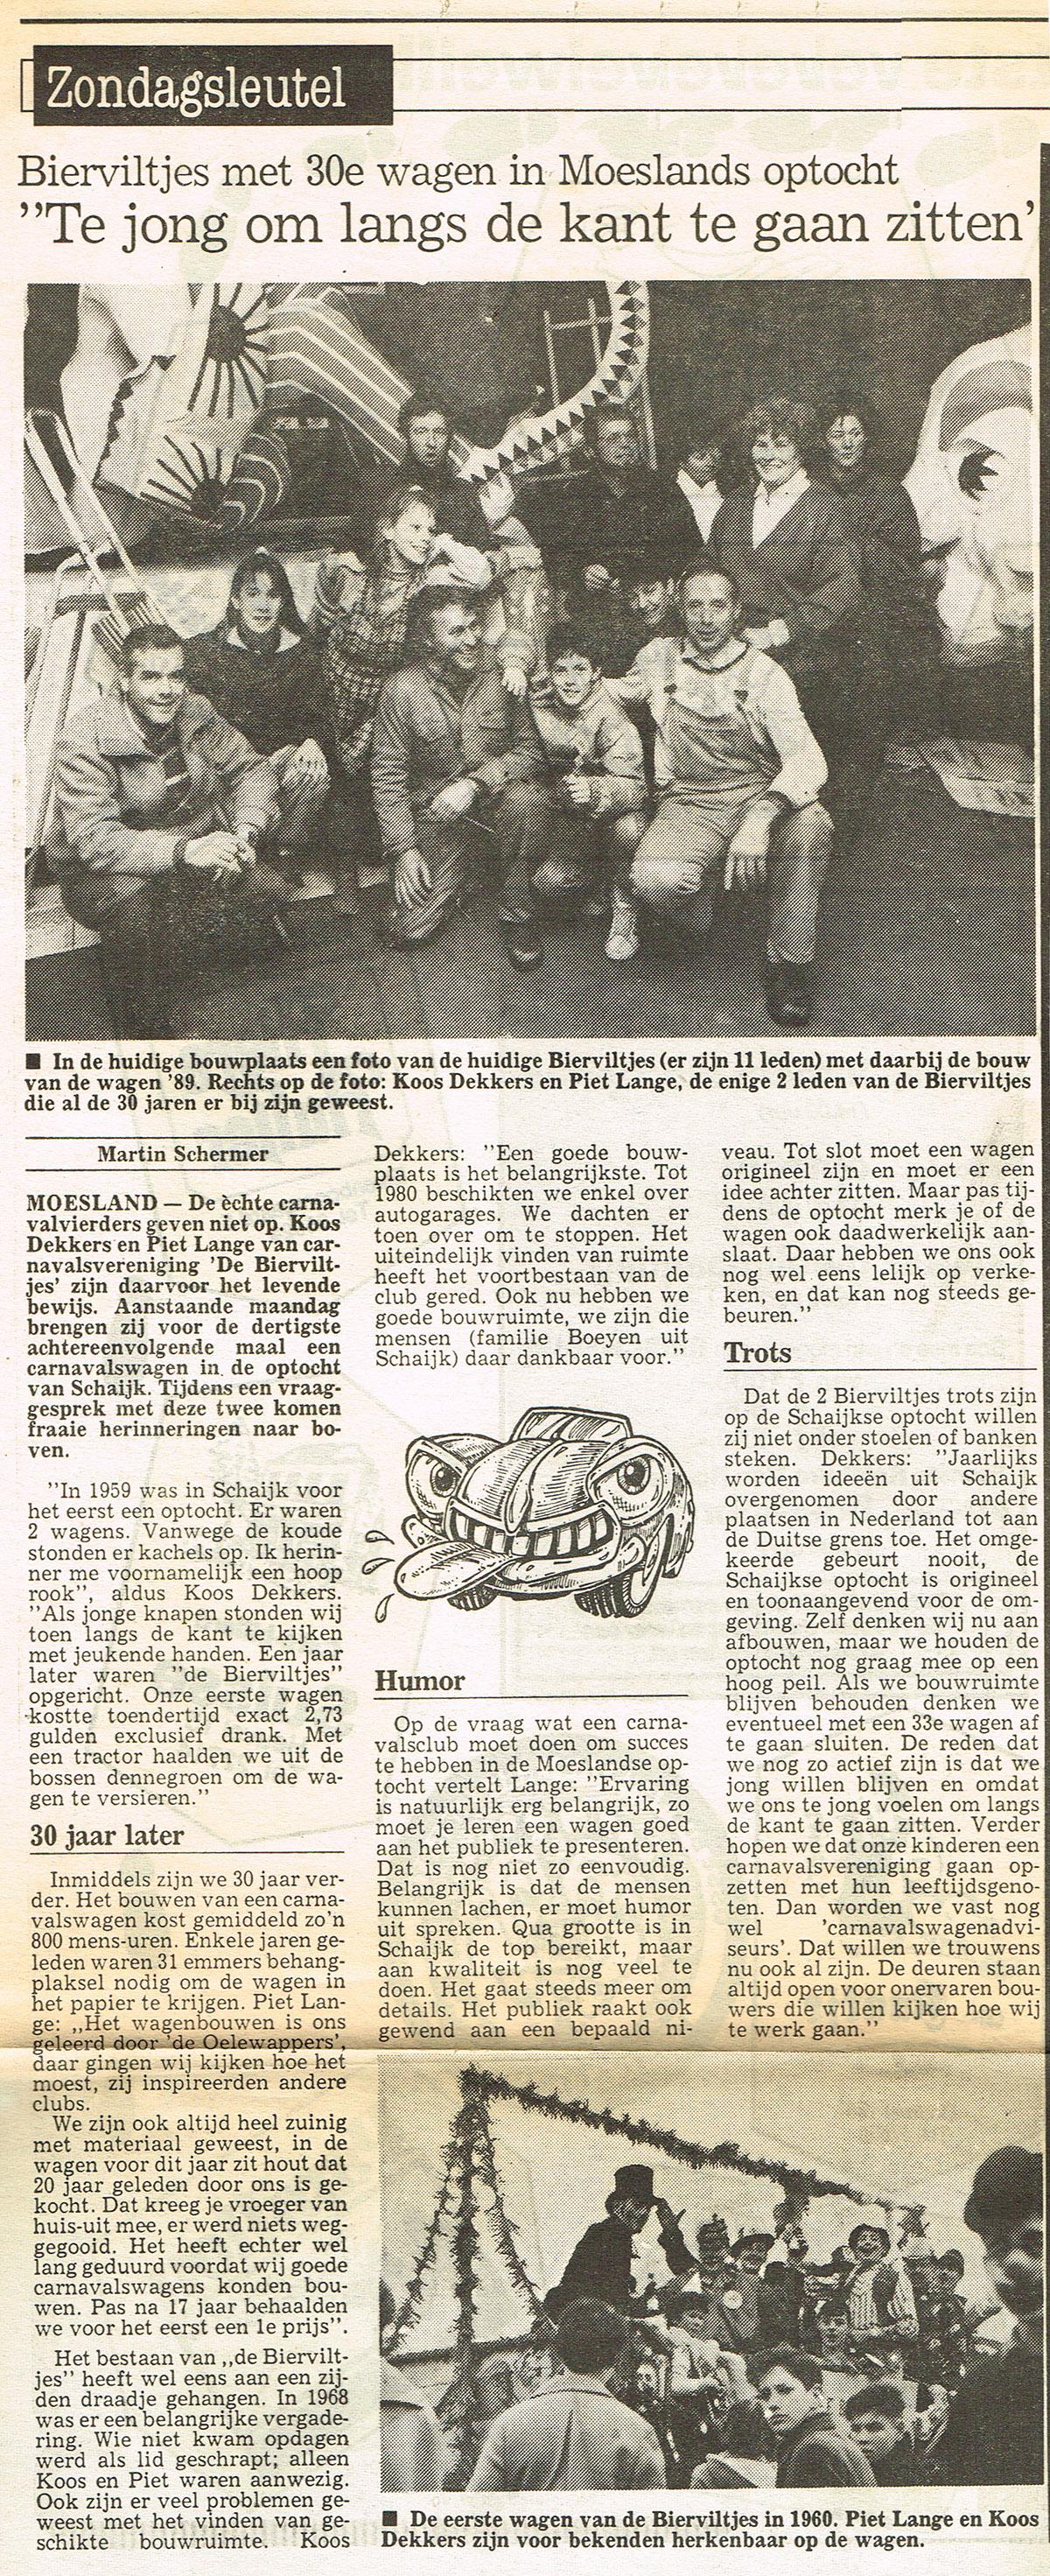 Stuk uit de Sleutel van de Bierviltjes - 1989